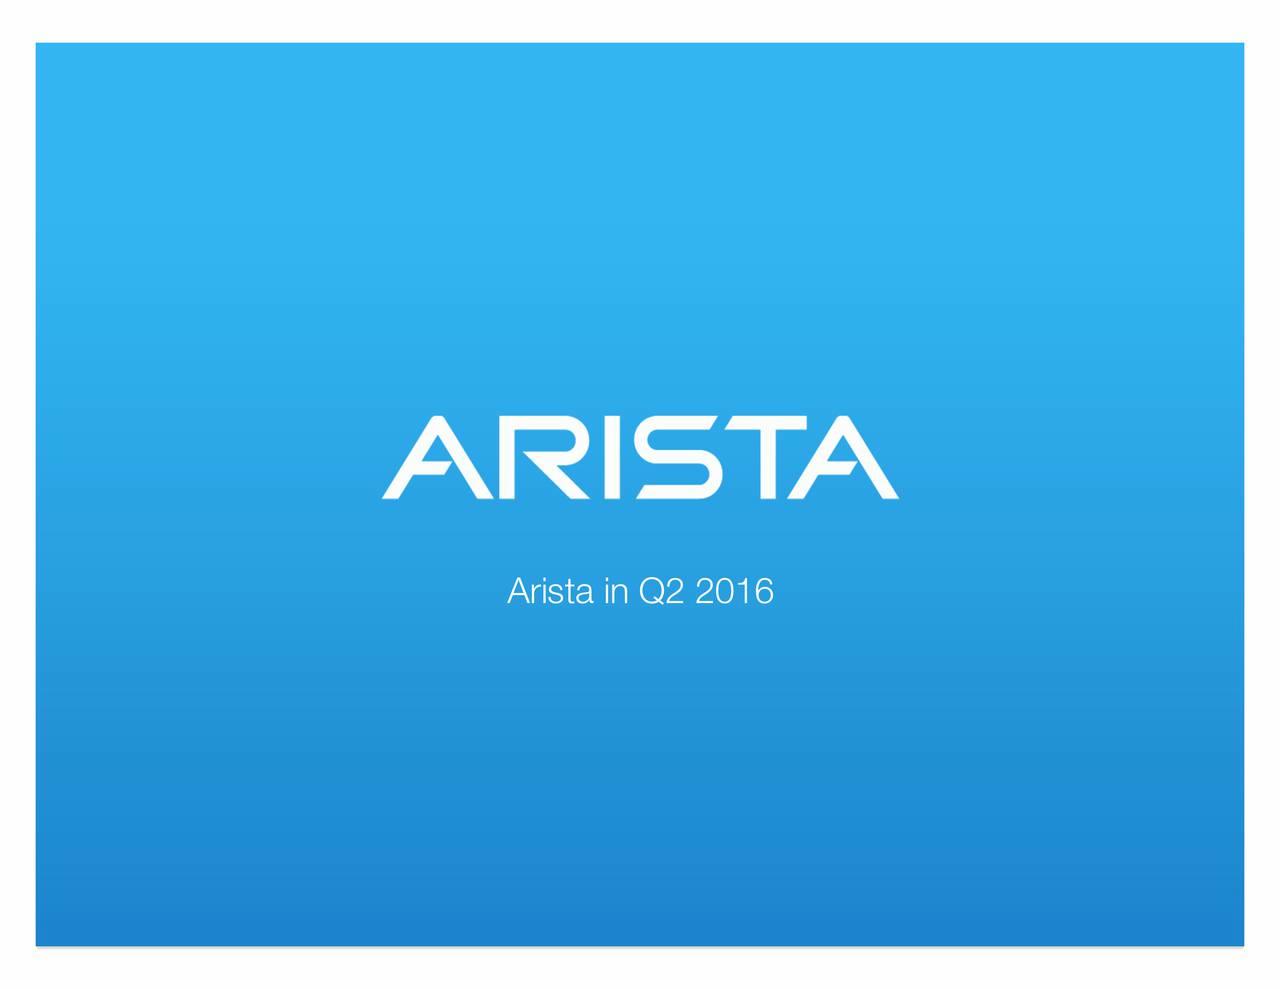 Arista in Q2 2016 Alternate text color: Hex color# 112346